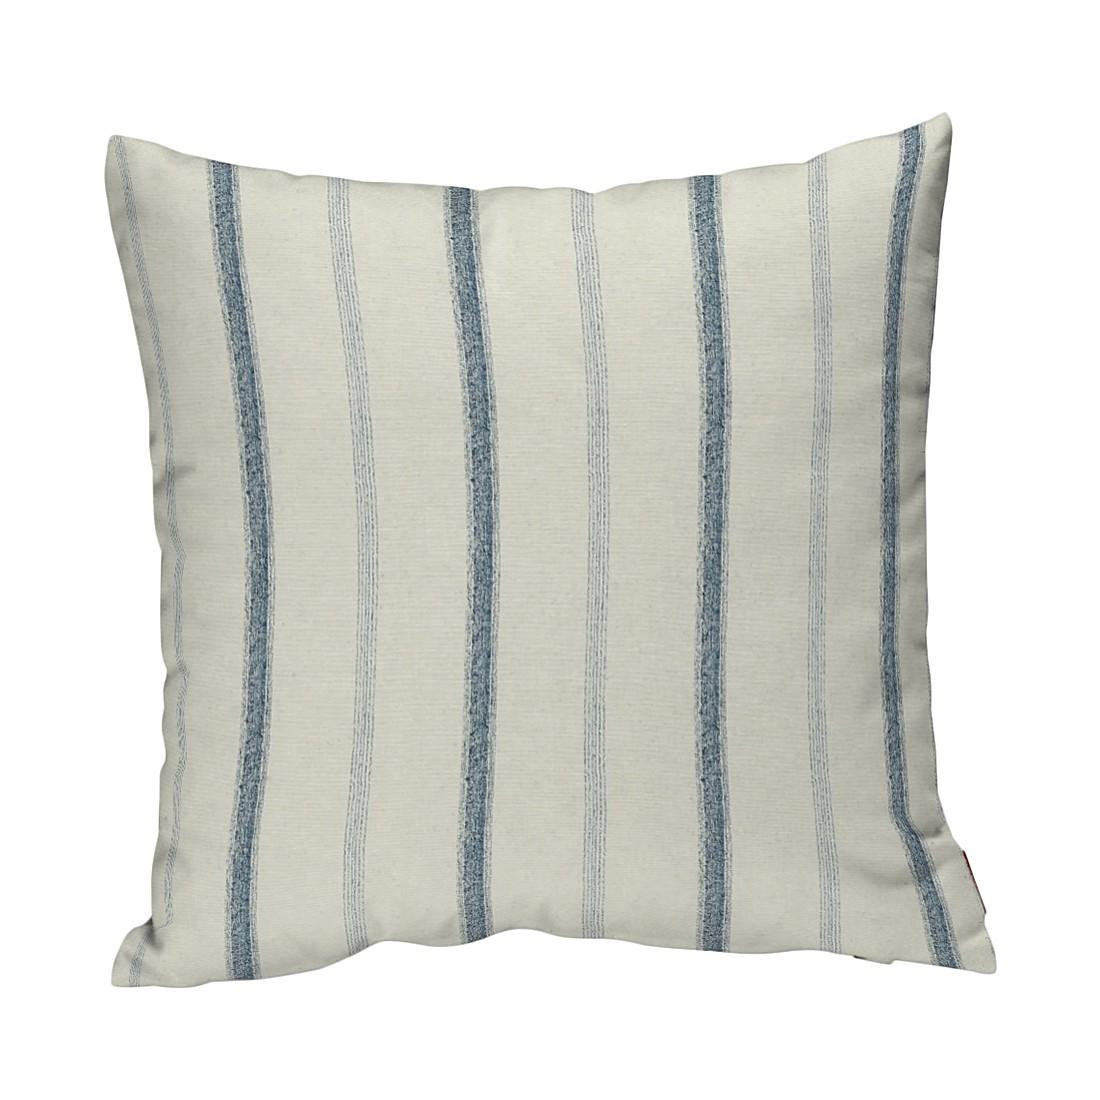 Image of Federe per cuscini - Crema/Righe blu crema/strisce 40 x cm, Dekoria